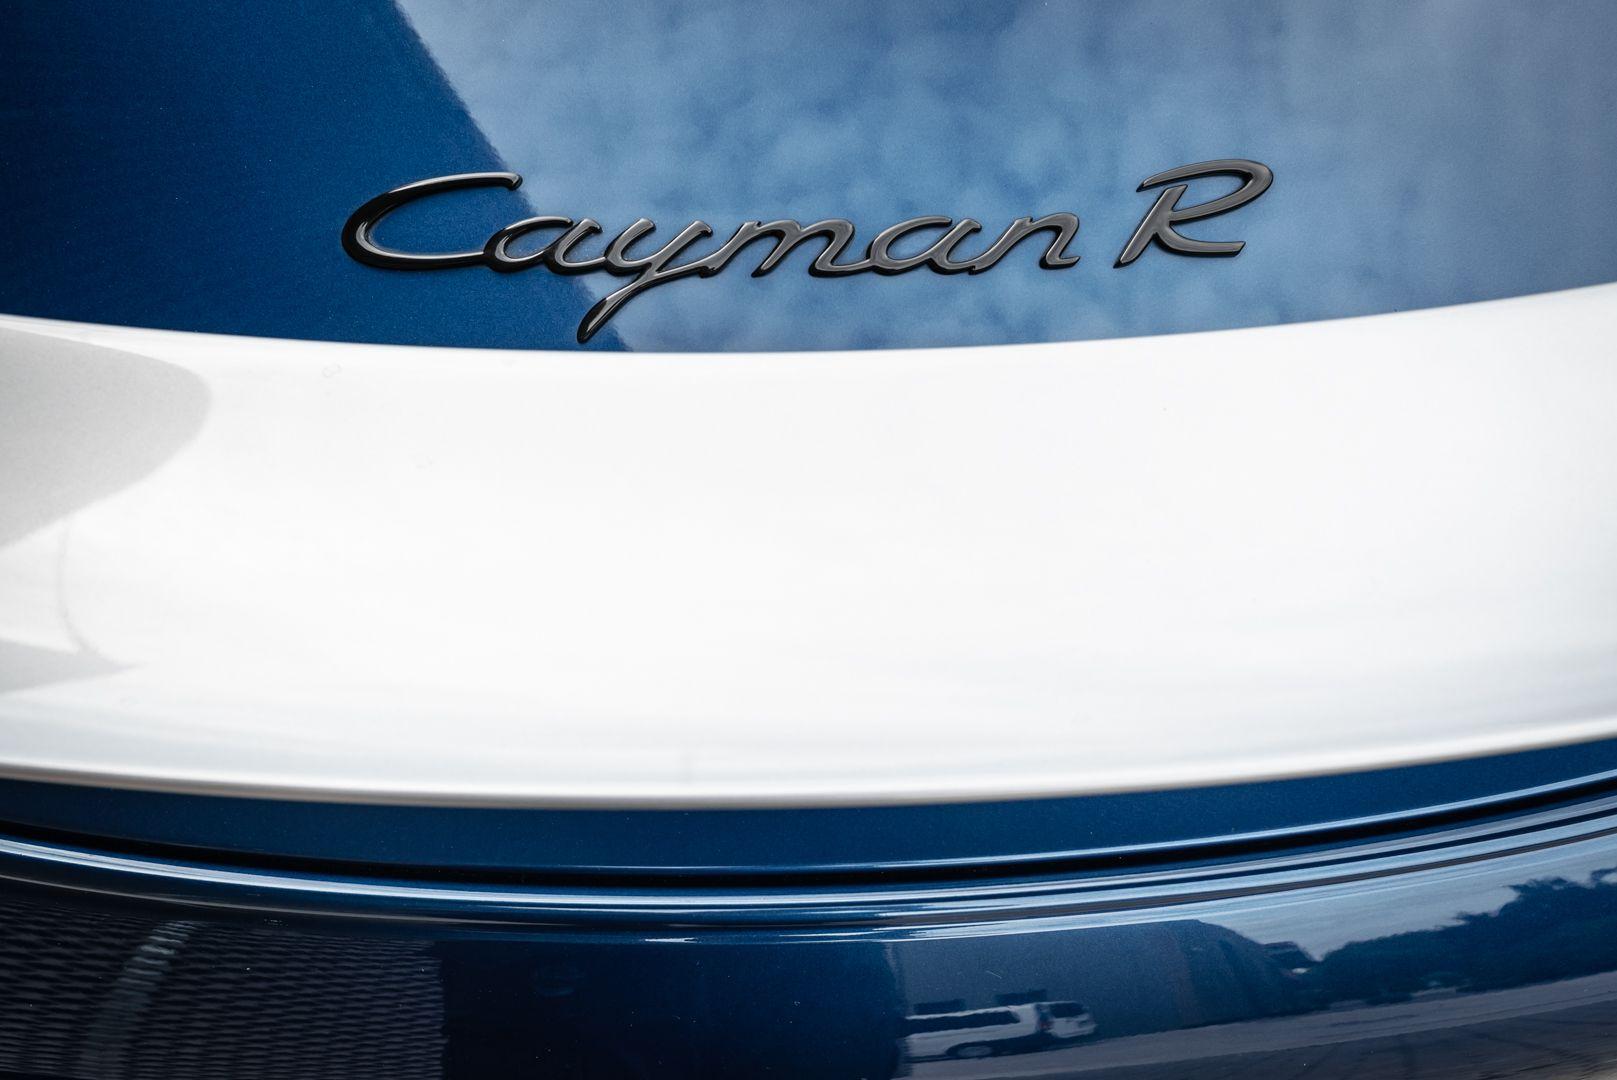 2012 Porsche Cayman R 77948